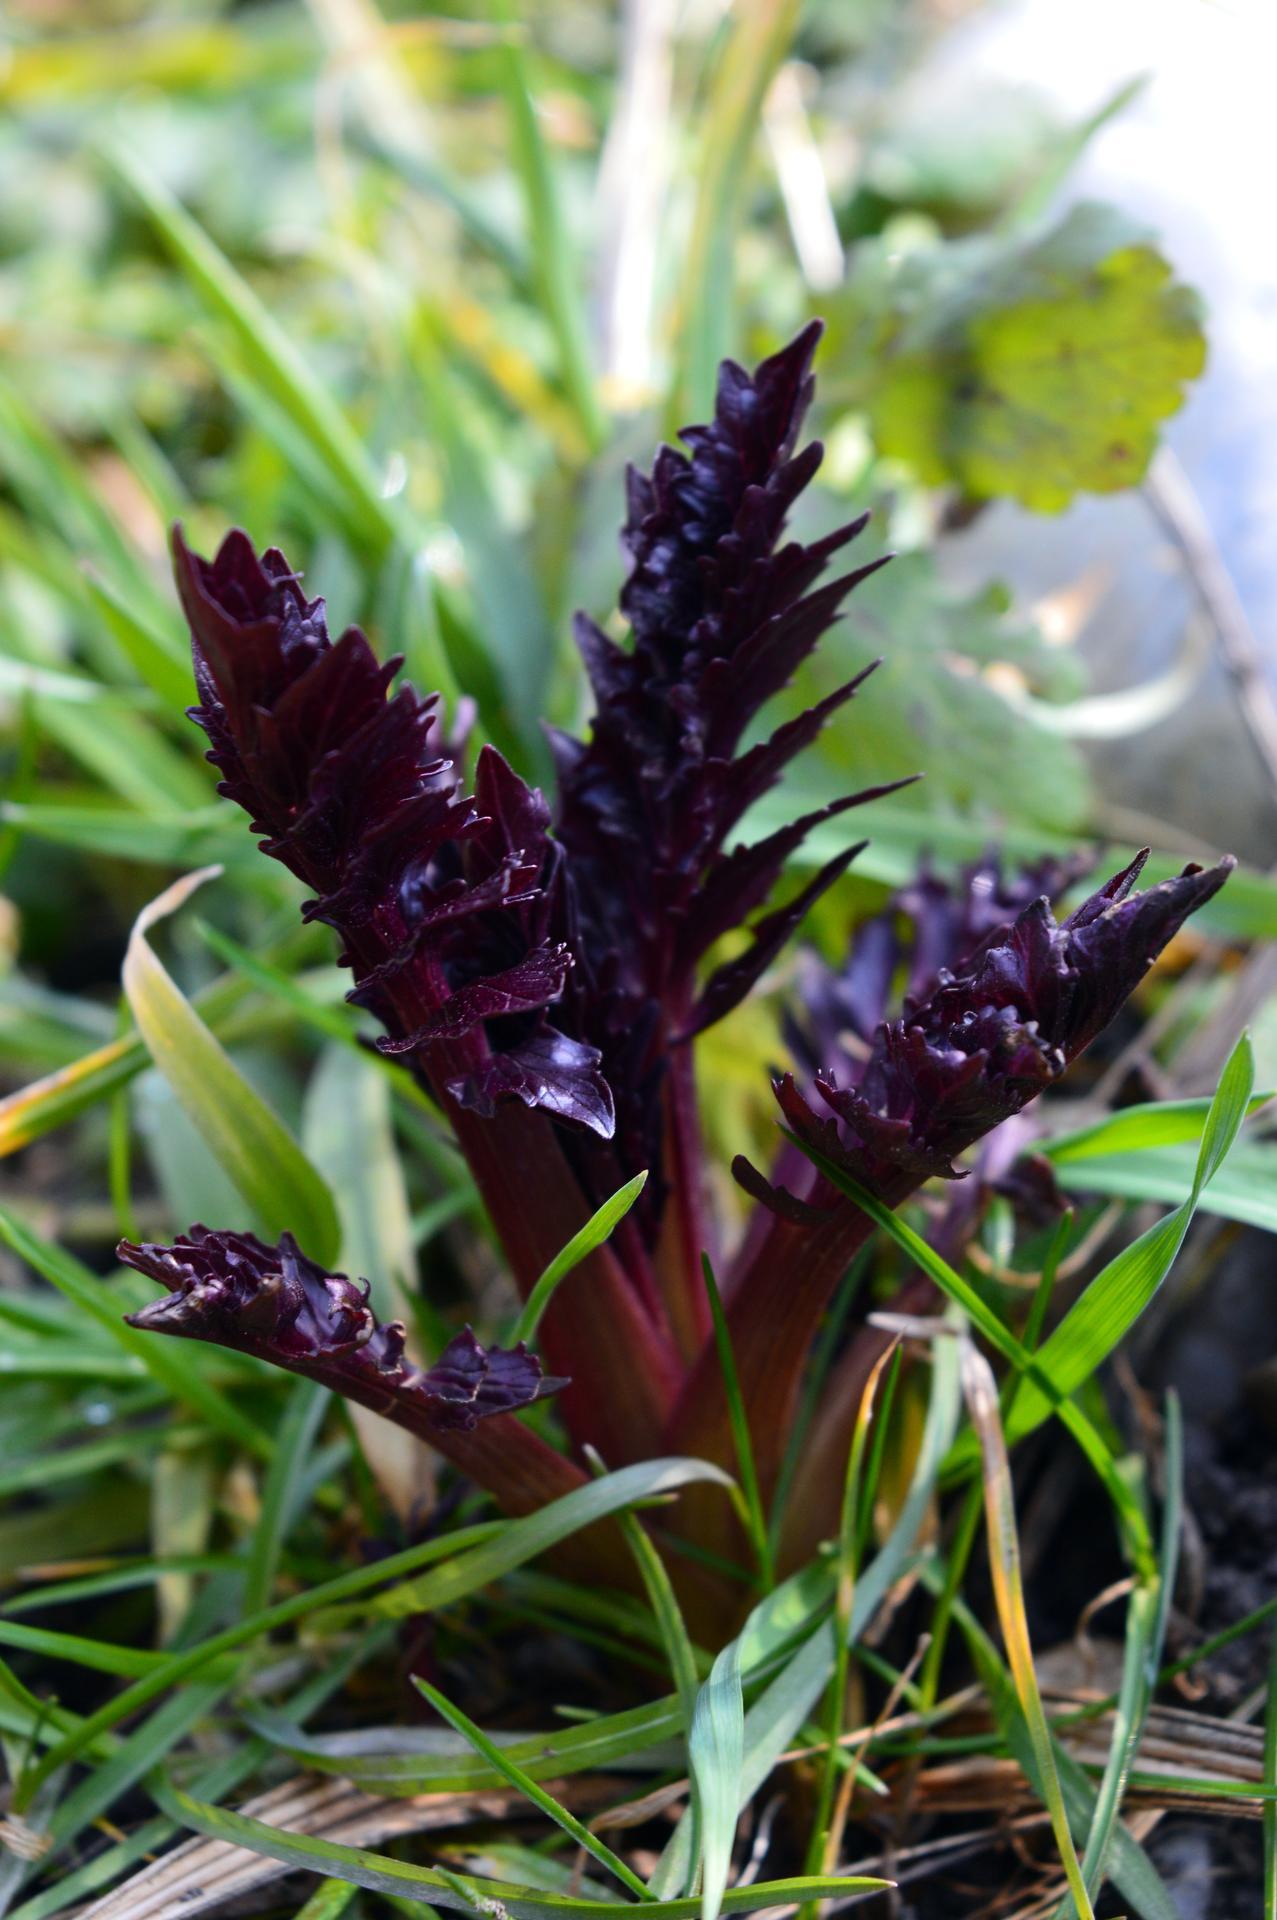 Naša prírodná perma záhradka v roku 2020 - valeriána, zatiaľ 1 zo 4, hádam ostatné prežili zimu ....